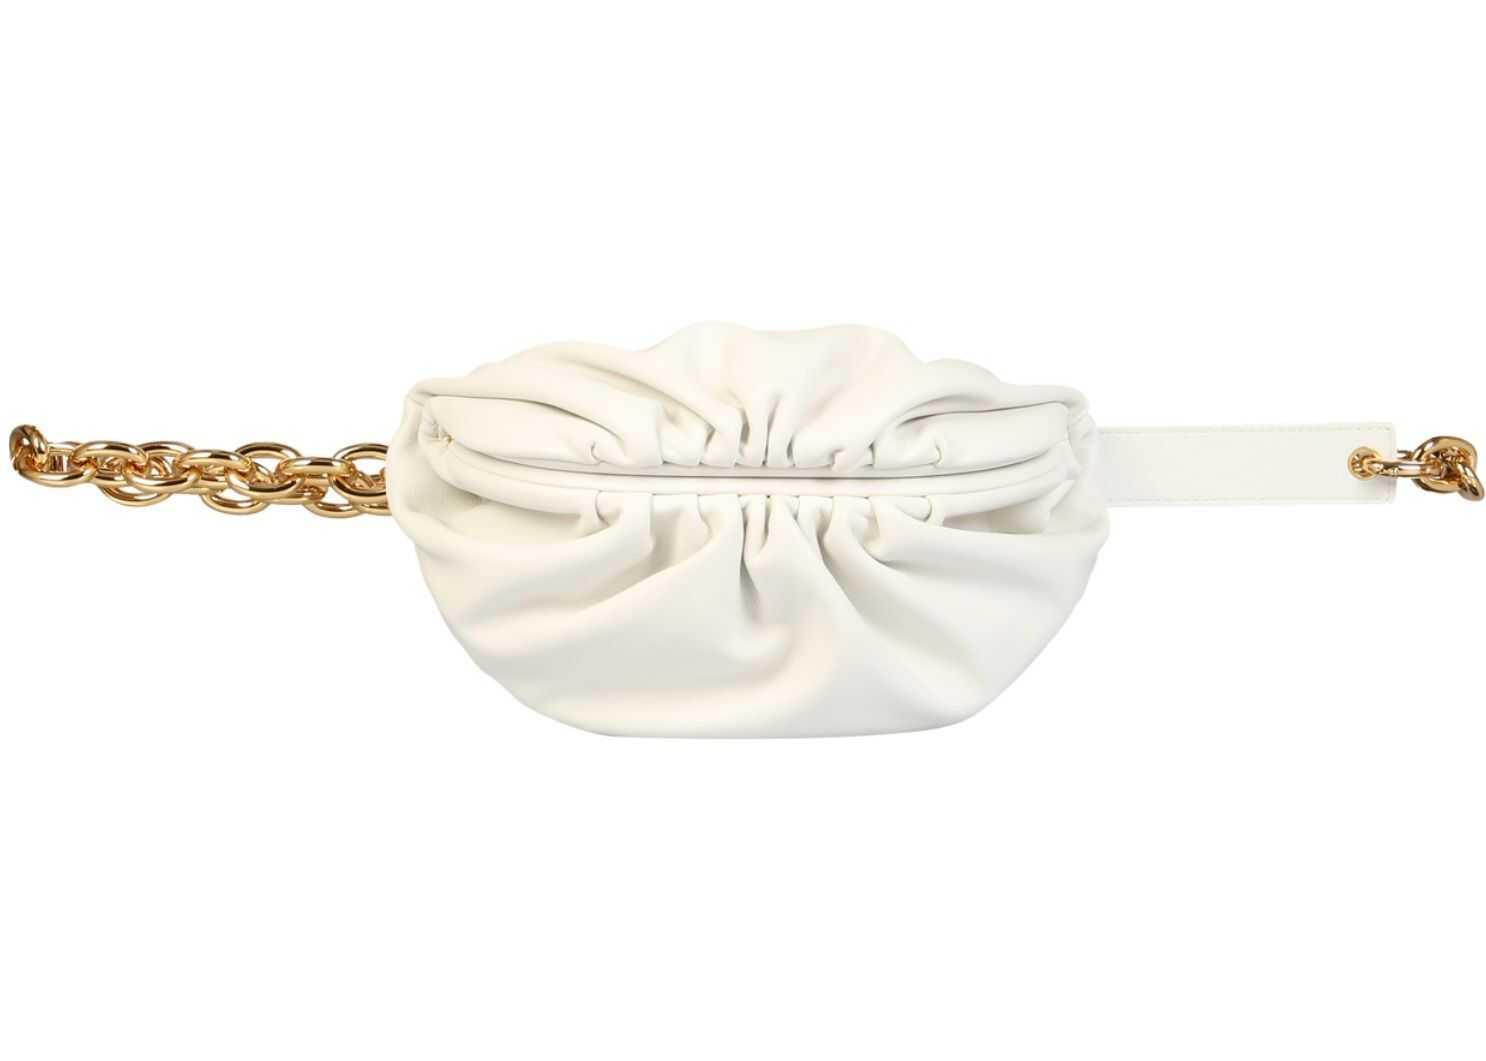 Bottega Veneta The Belt Chain Pouch 651445_VCP419132 WHITE imagine b-mall.ro